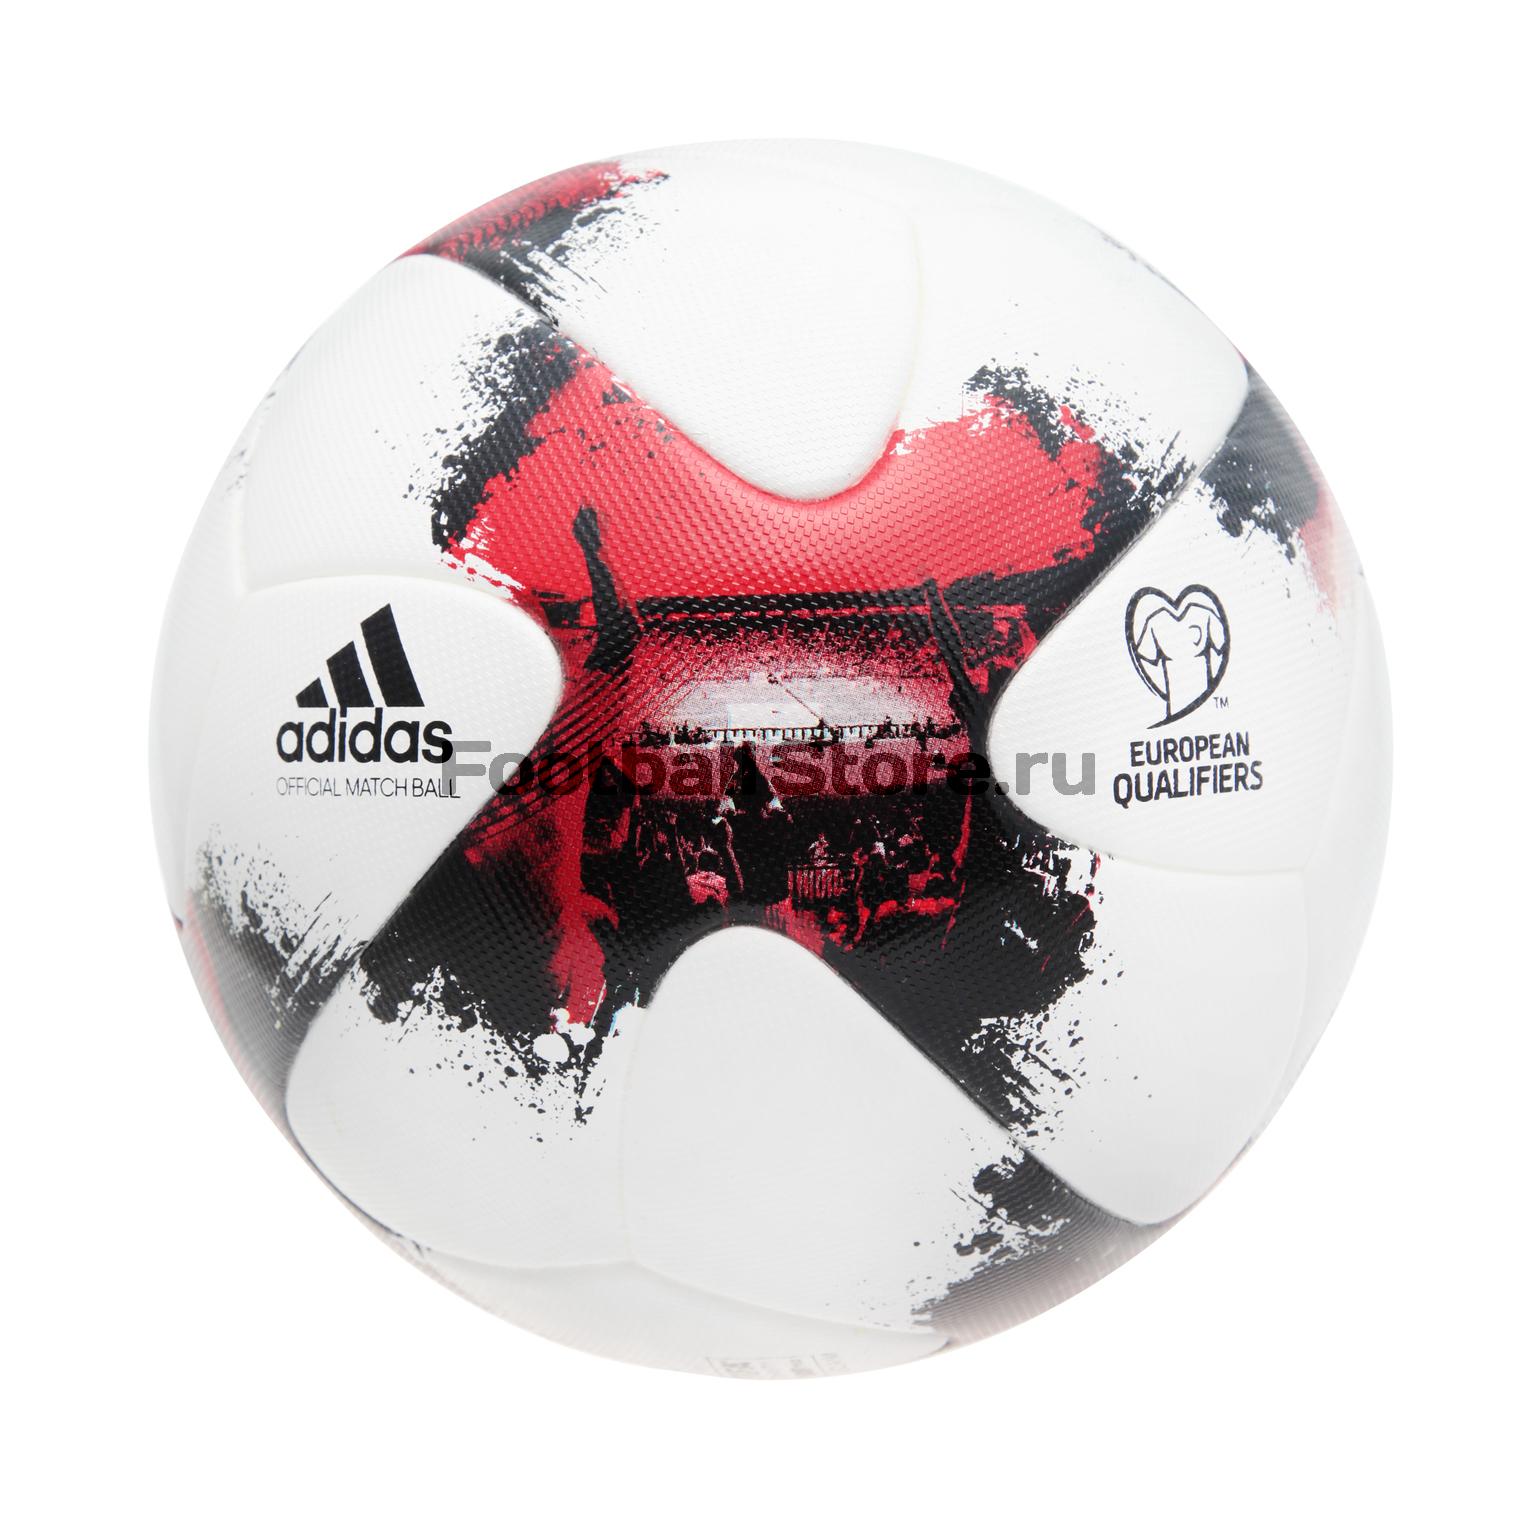 Мяч Adidas European Qualifiers AO4839 – купить в интернет магазине ... 2f10137b00d38